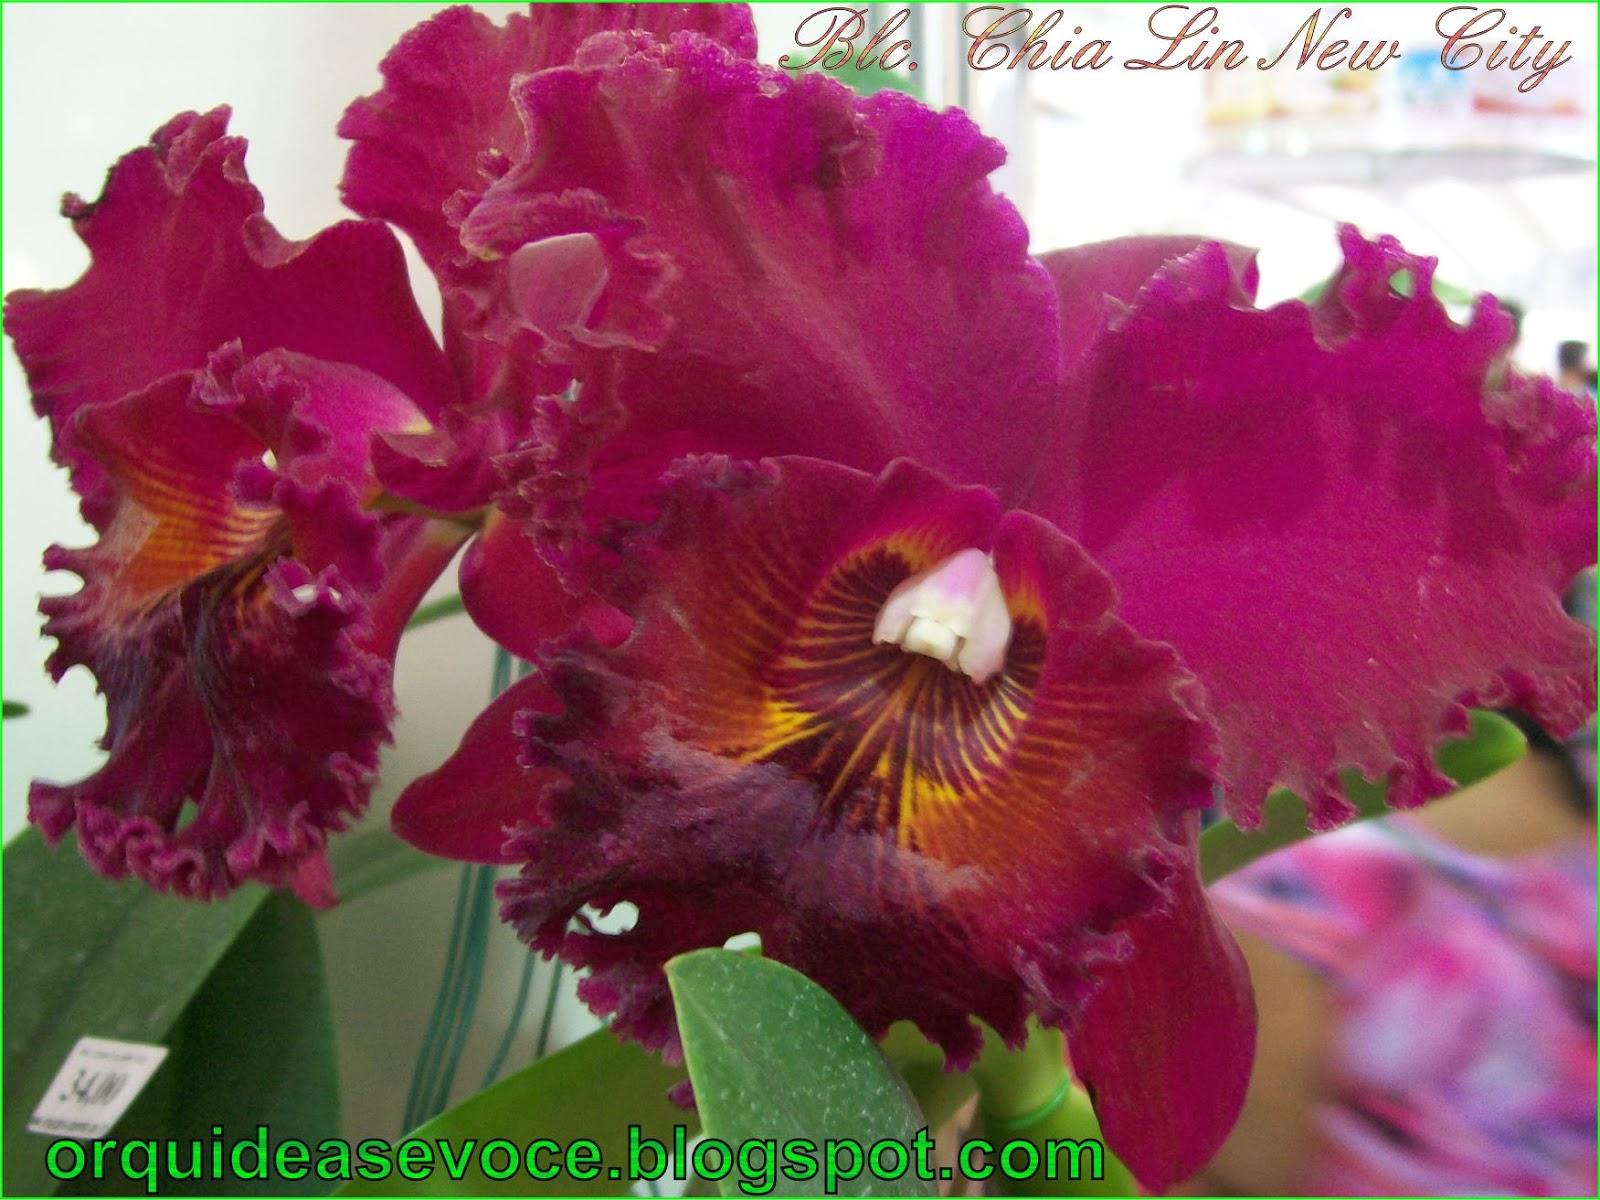 Plantas Orquideas Dicas Noticias Curiosidades Fotos De